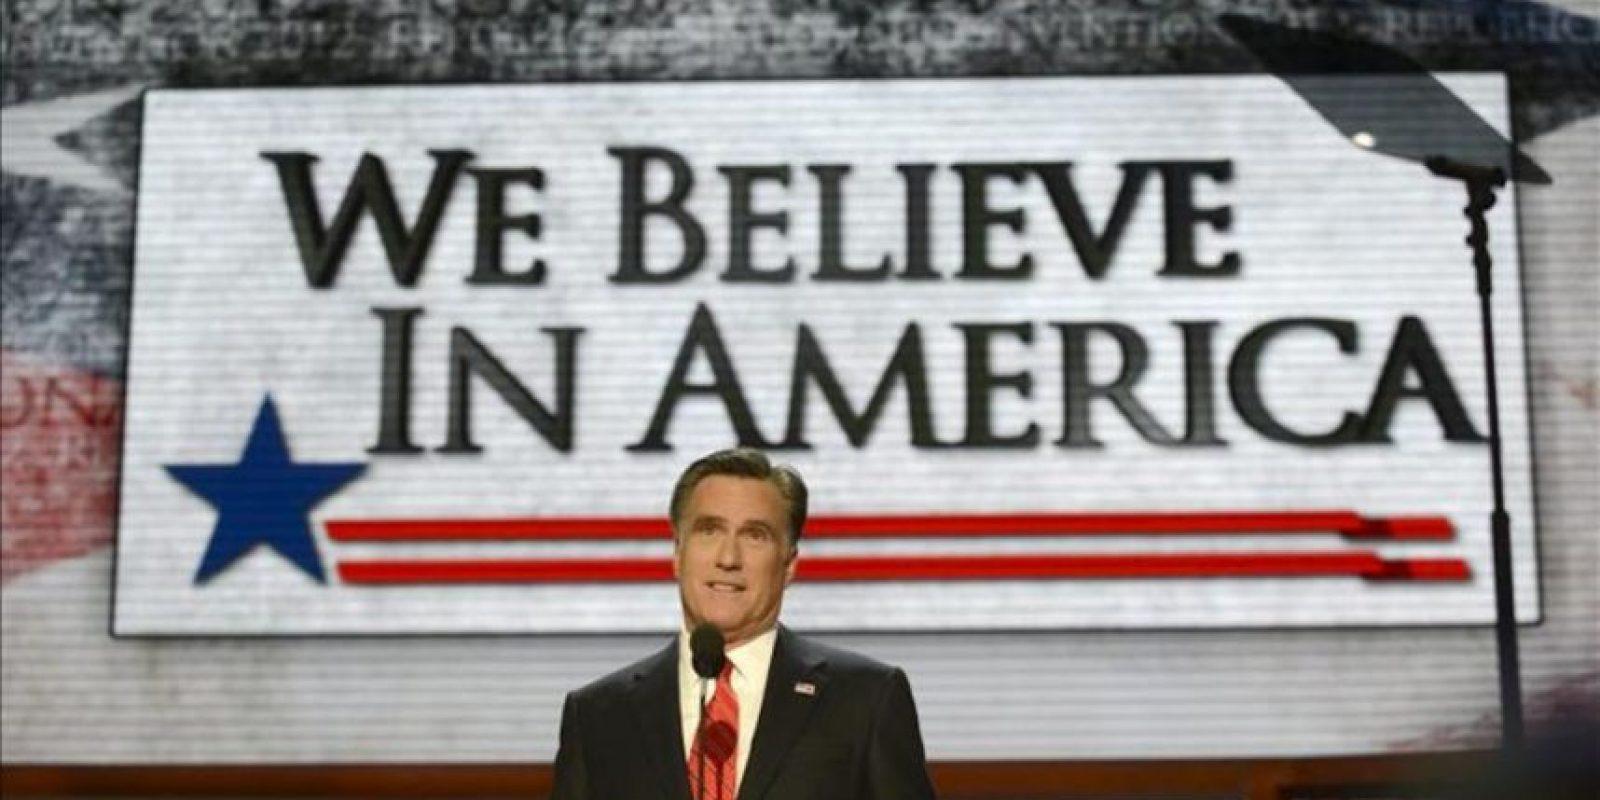 """El candidato republicano a la presidencia de EE.UU., Mitt Romney, pronuncia su discurso en la Convención Nacional Republicana en el Times Forum de Tampa, Florida (EE.UU.). El exgobernador de Massachusetts Romney aceptó la candidatura del Partido Republicano con """"humildad y profundamente conmovido por la confianza depositada en mí"""". EFE"""